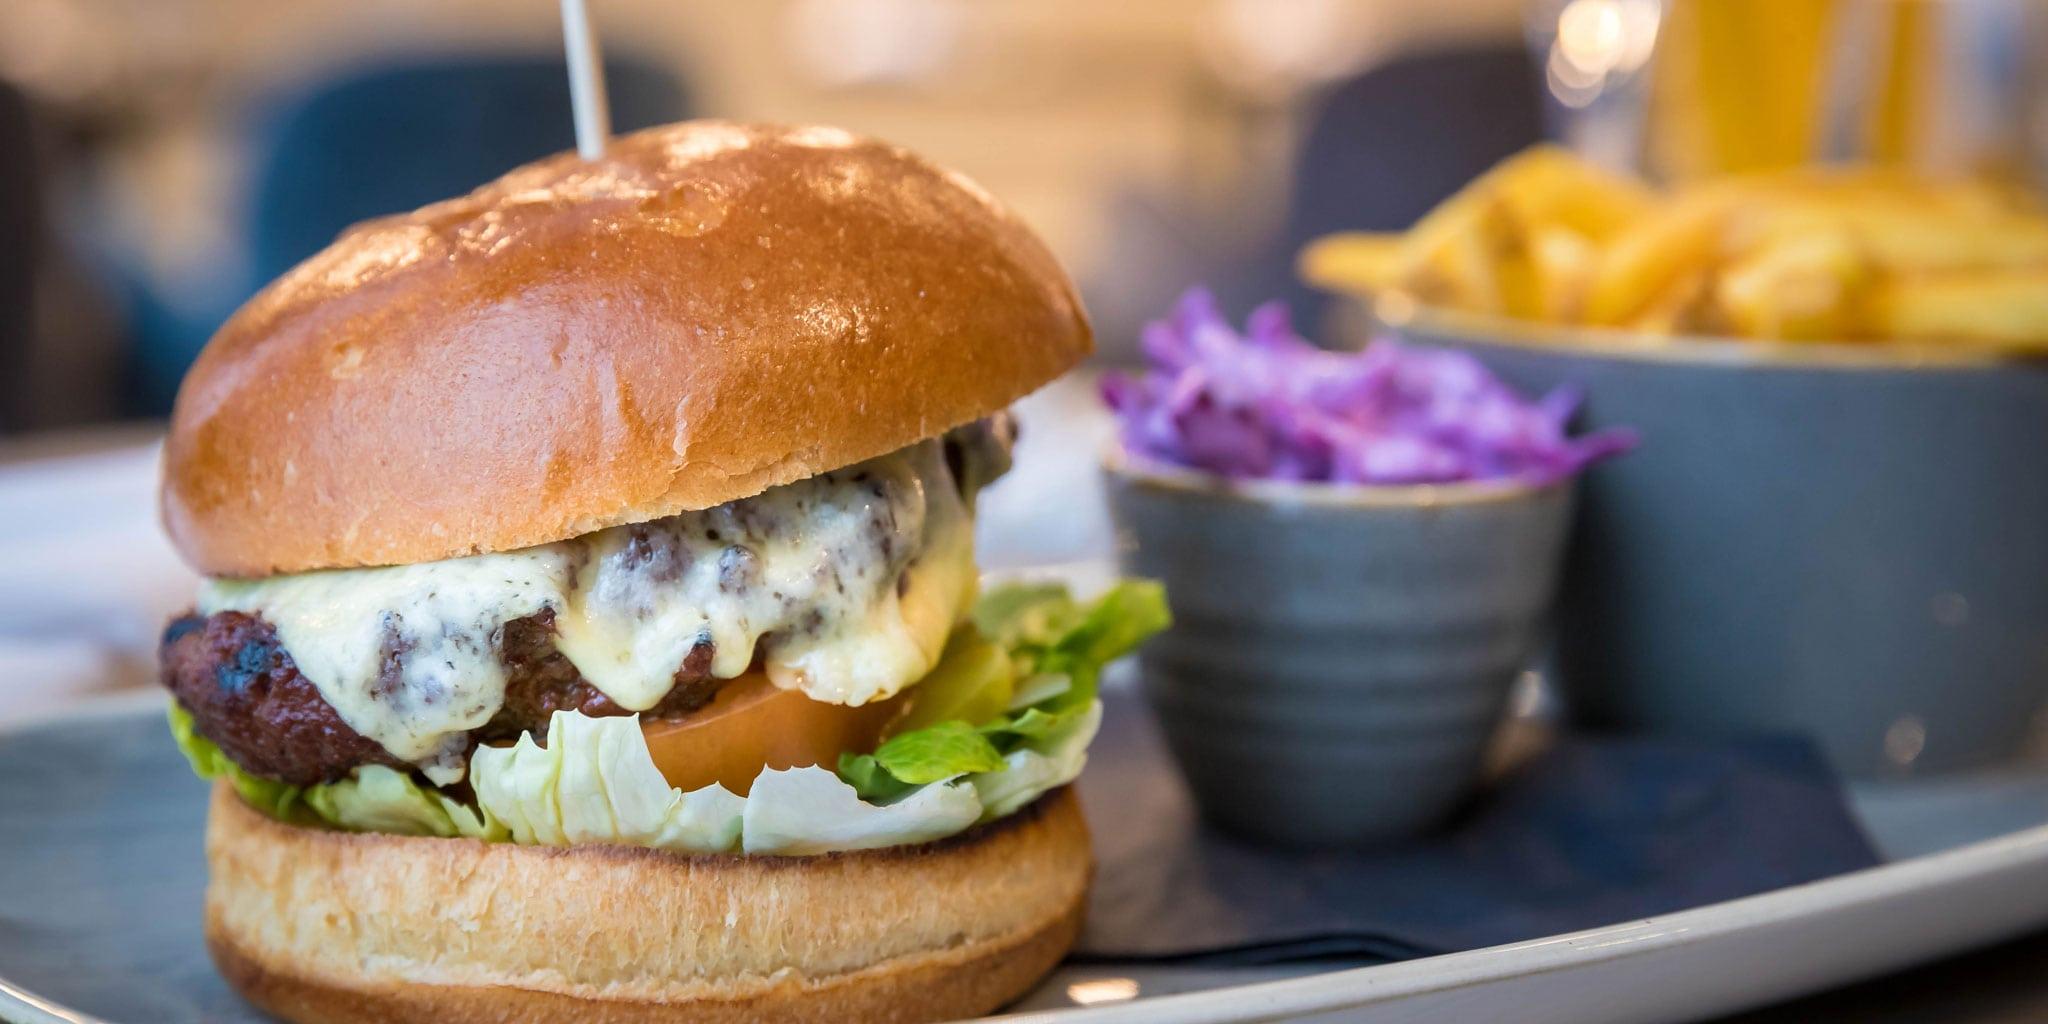 Burger-grain-grill-Maldron-Hotels